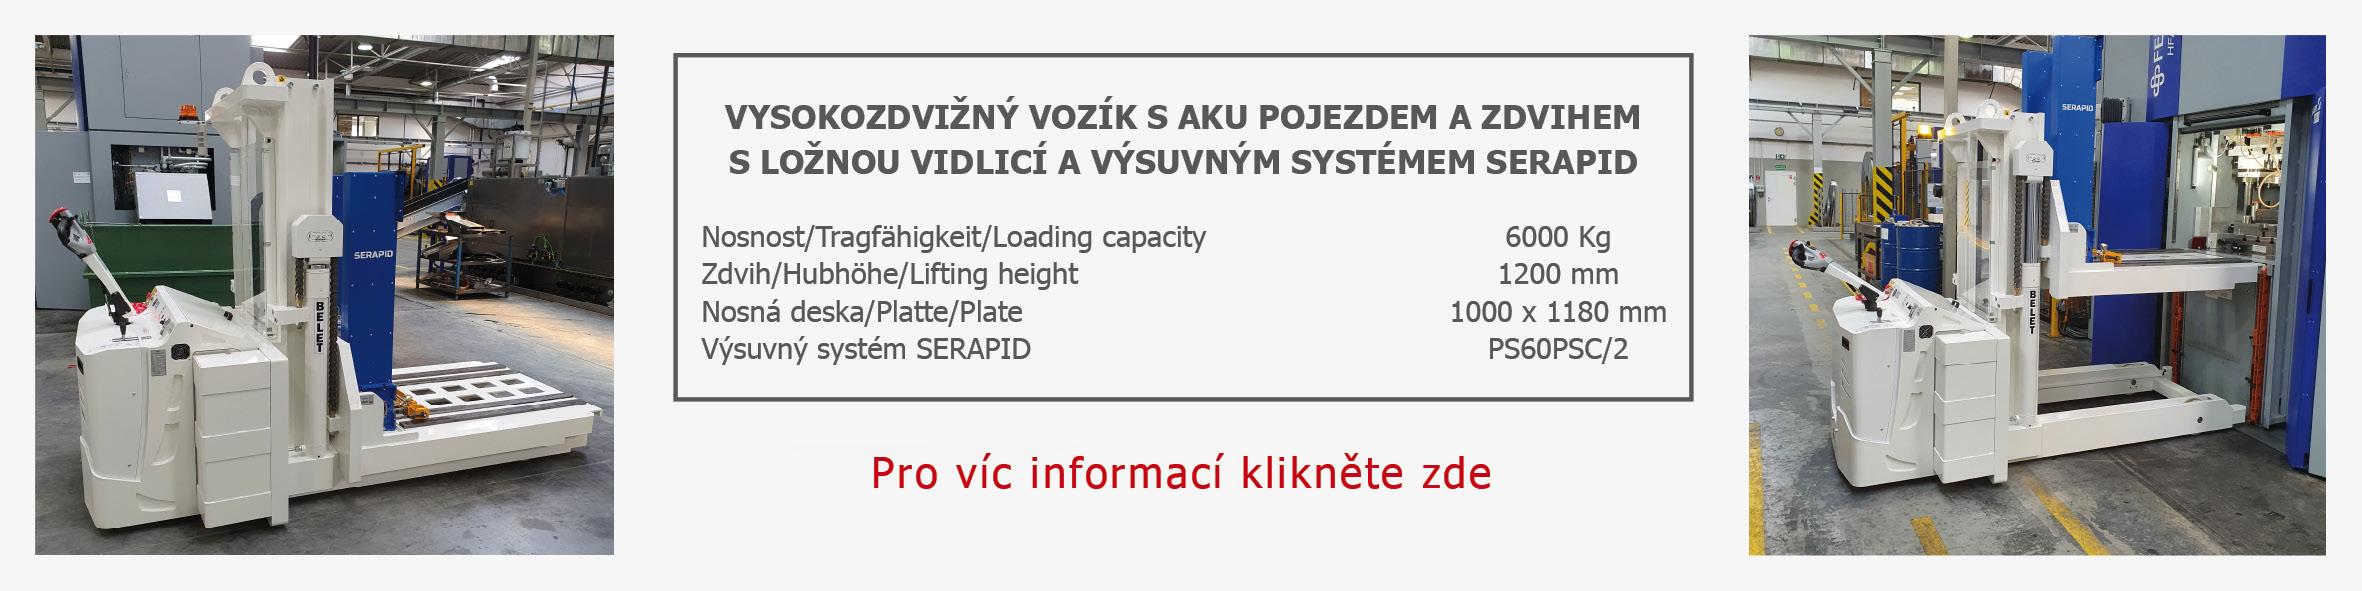 ( http://obchod.belet.cz/www/rsobrazky/velke/novy_vozik_1.jpg )